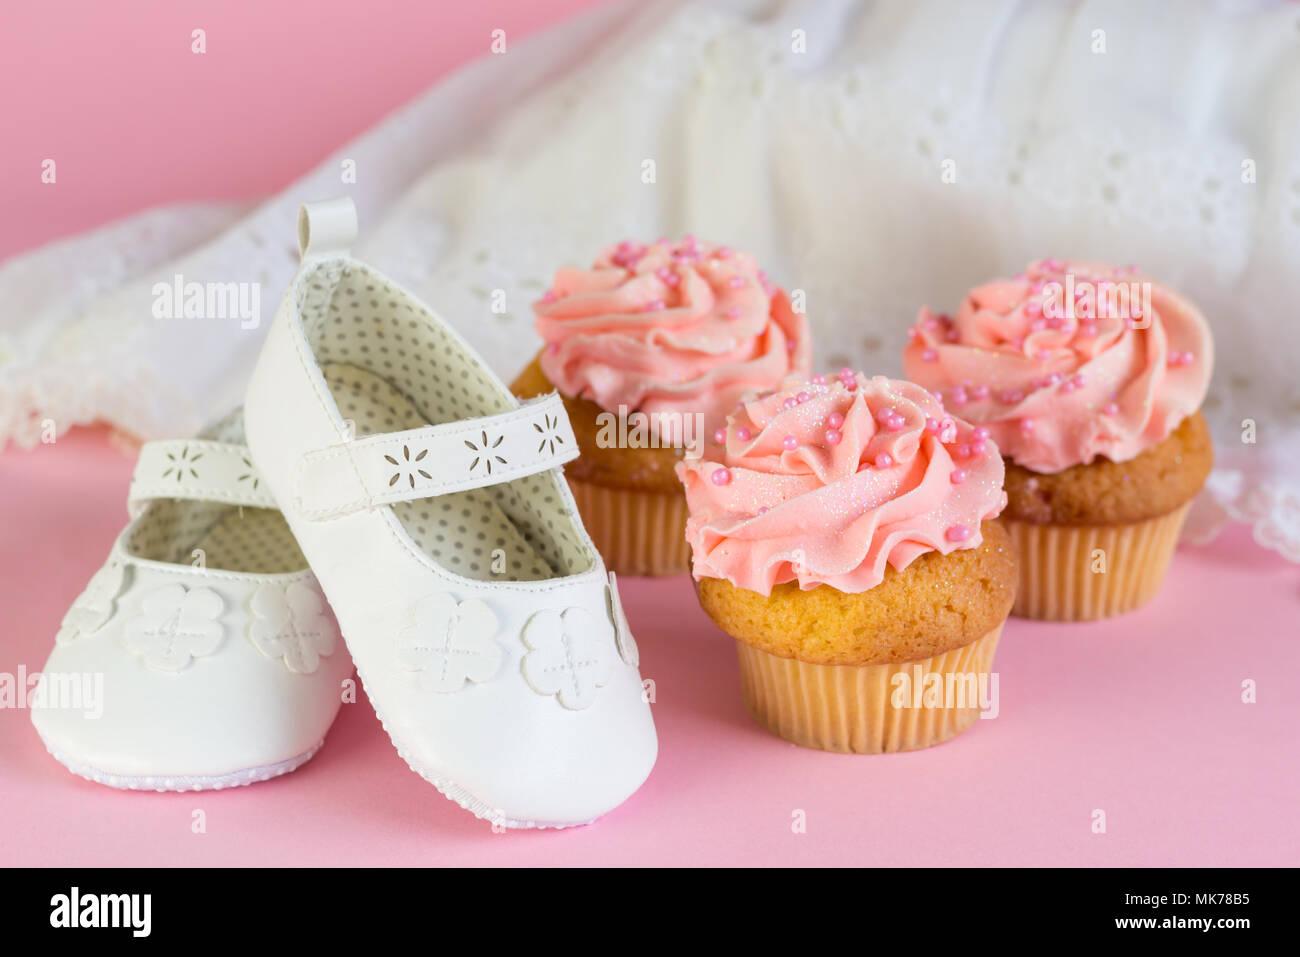 Taufe Oder Geburtstag Einladung Madchen Mit Rosa Cup Cakes Und Weisse